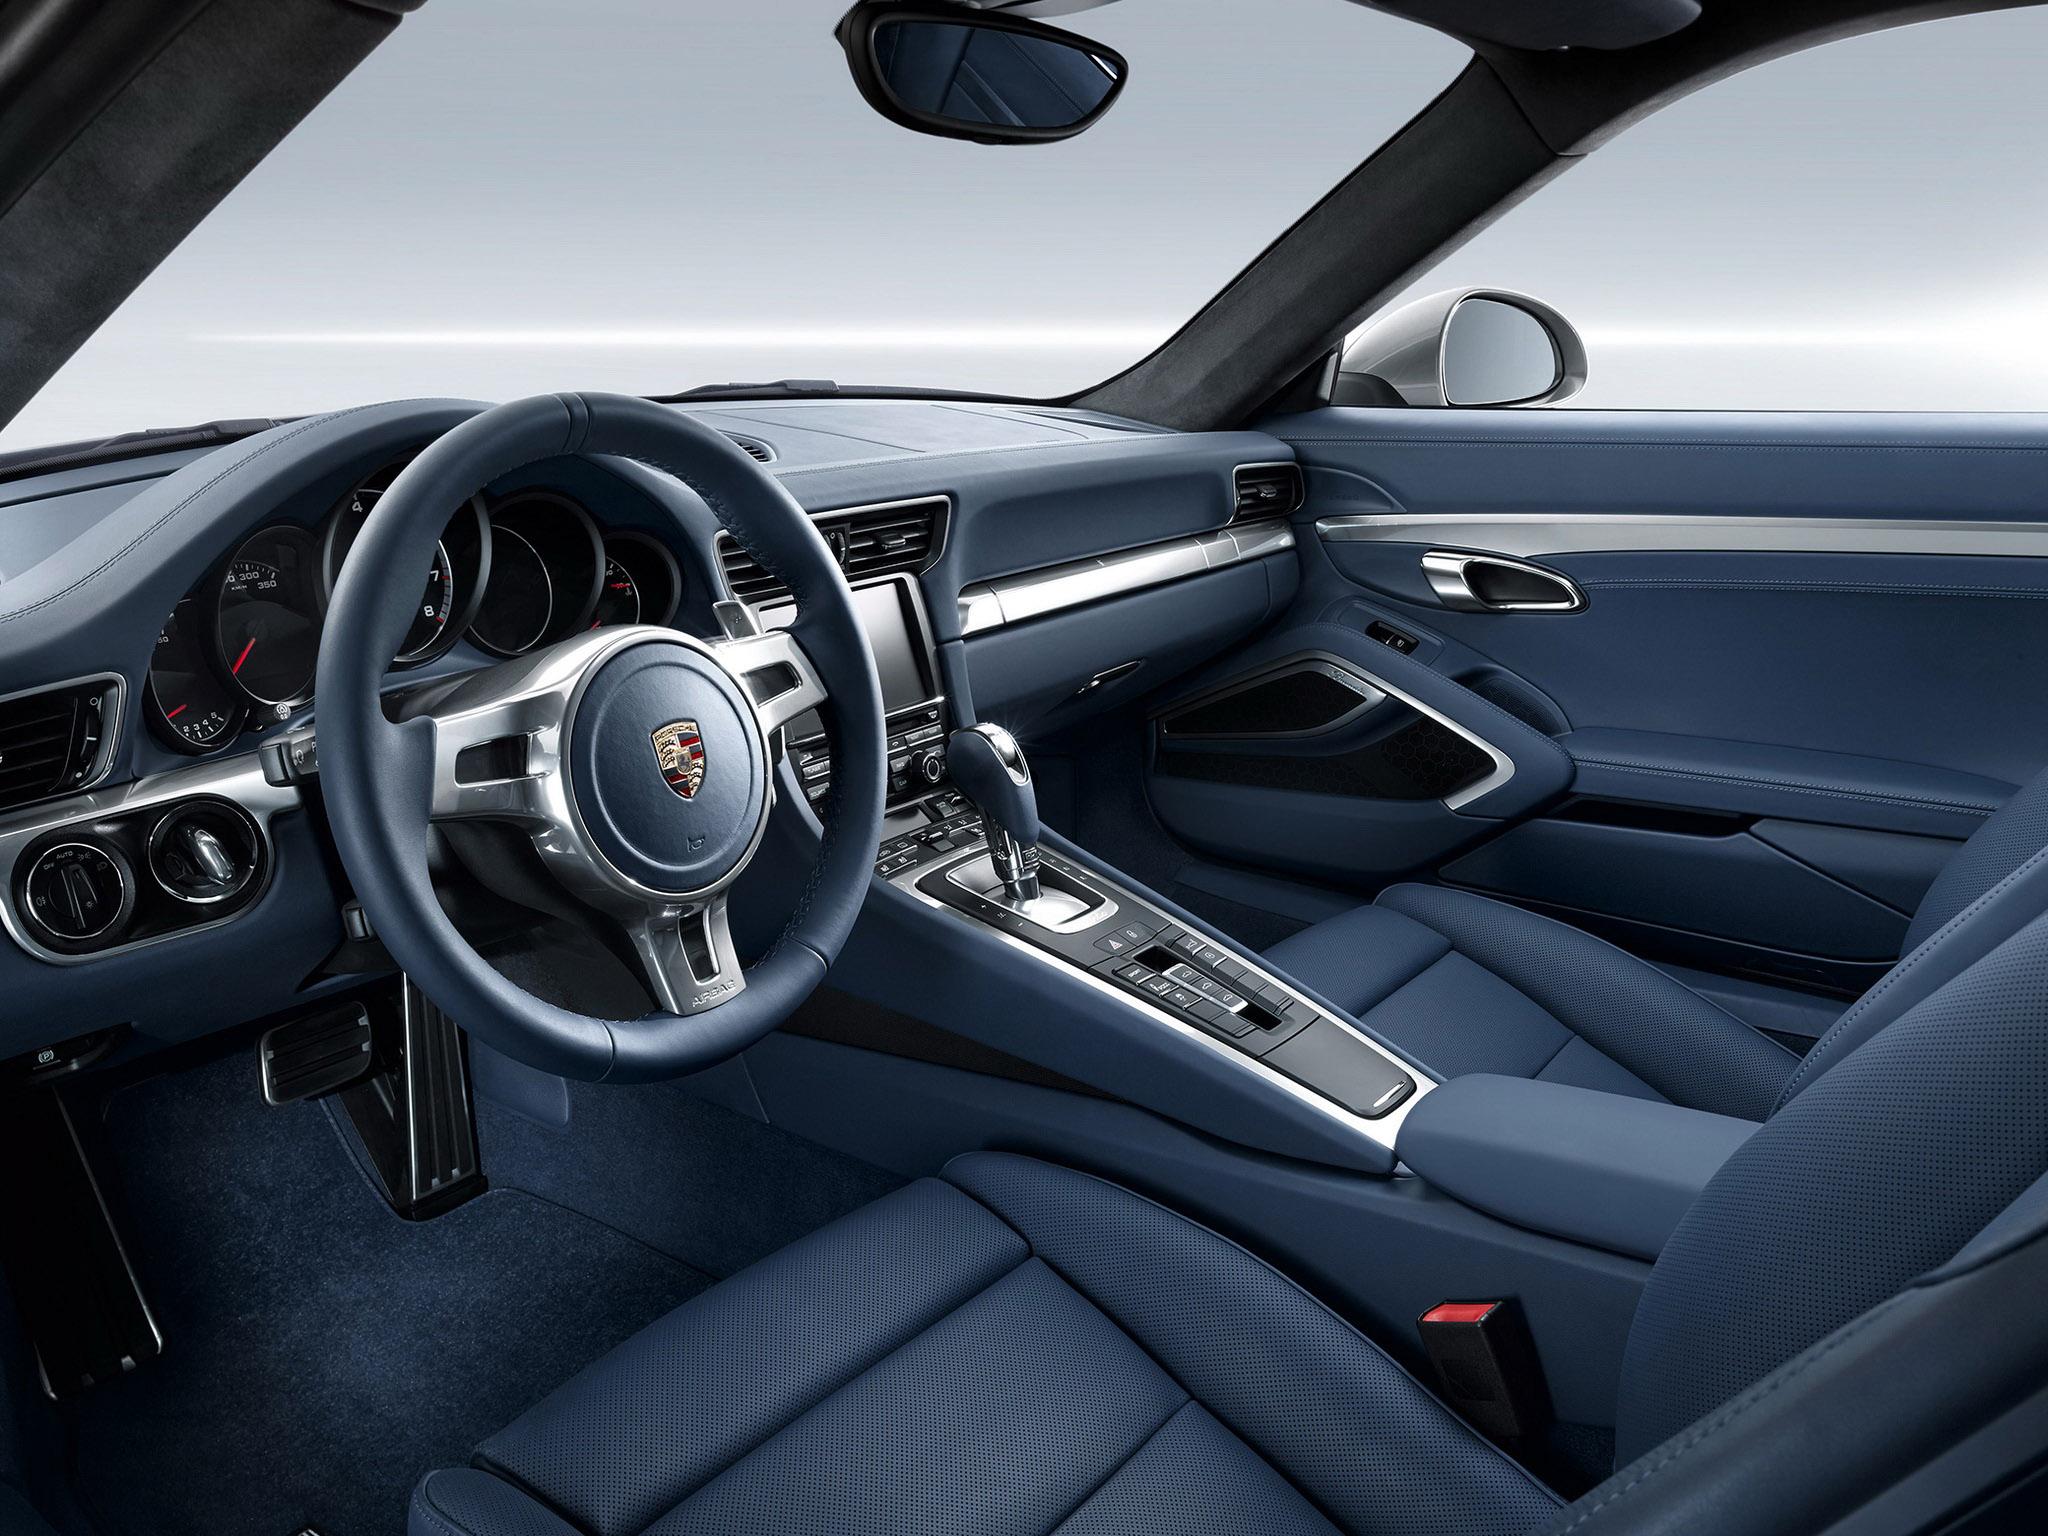 2012 Porsche 991 911 Carrera S - European Car Magazine